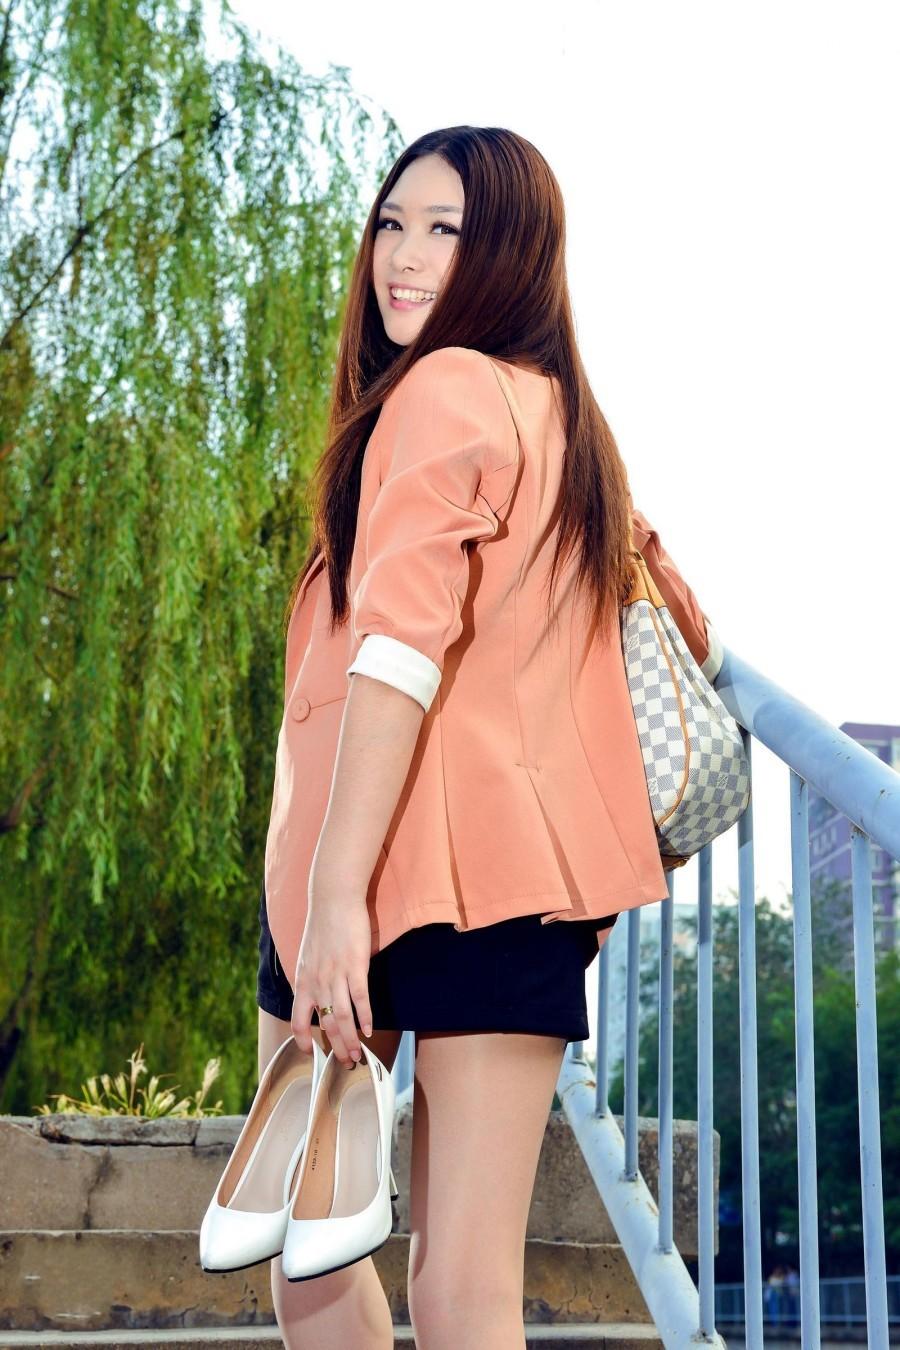 刘嘉玲人体照 爱美女人体 欧美女性人体模特